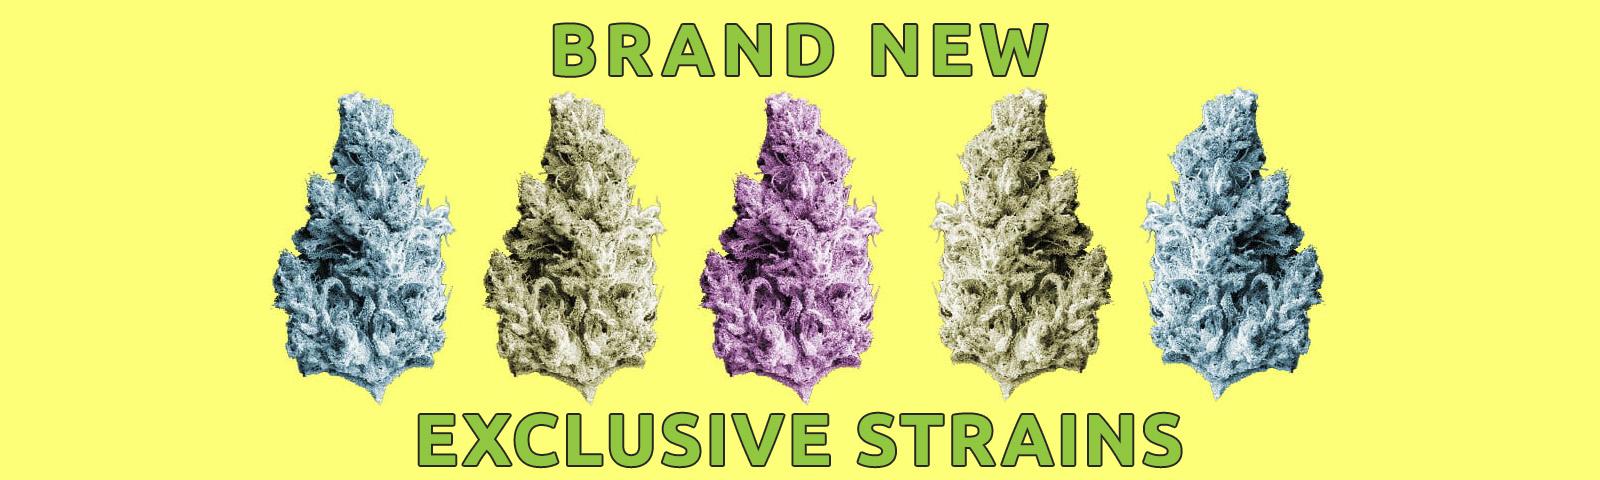 New Strains